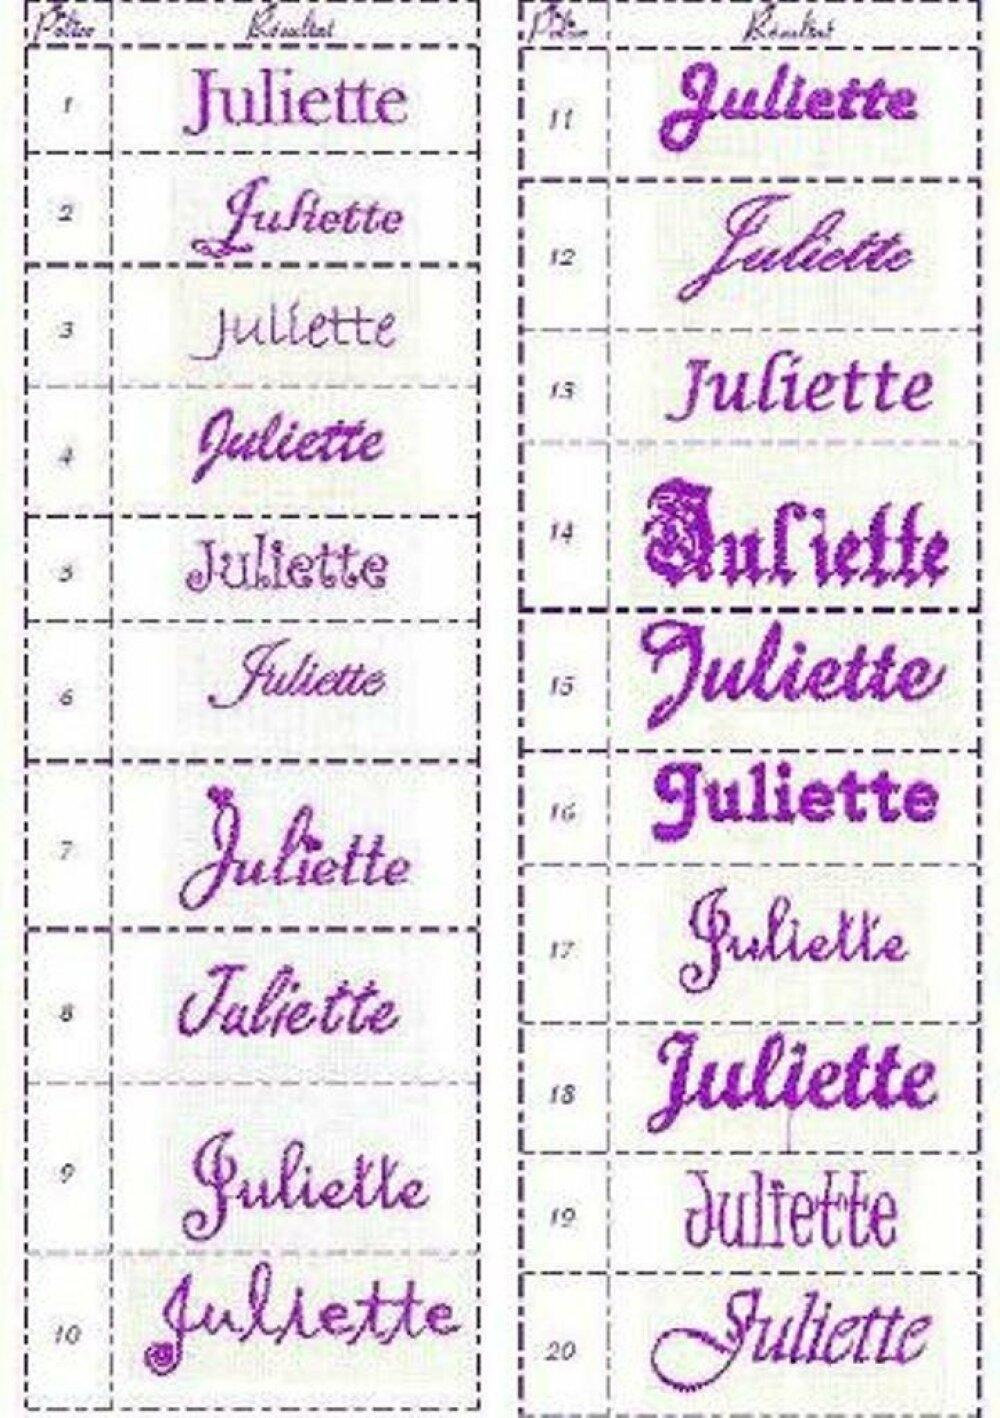 Coussin pour alliances / porte-alliances / coussin de mariage : thème champêtre / tournesols / blé - ton dominant choco ou autre